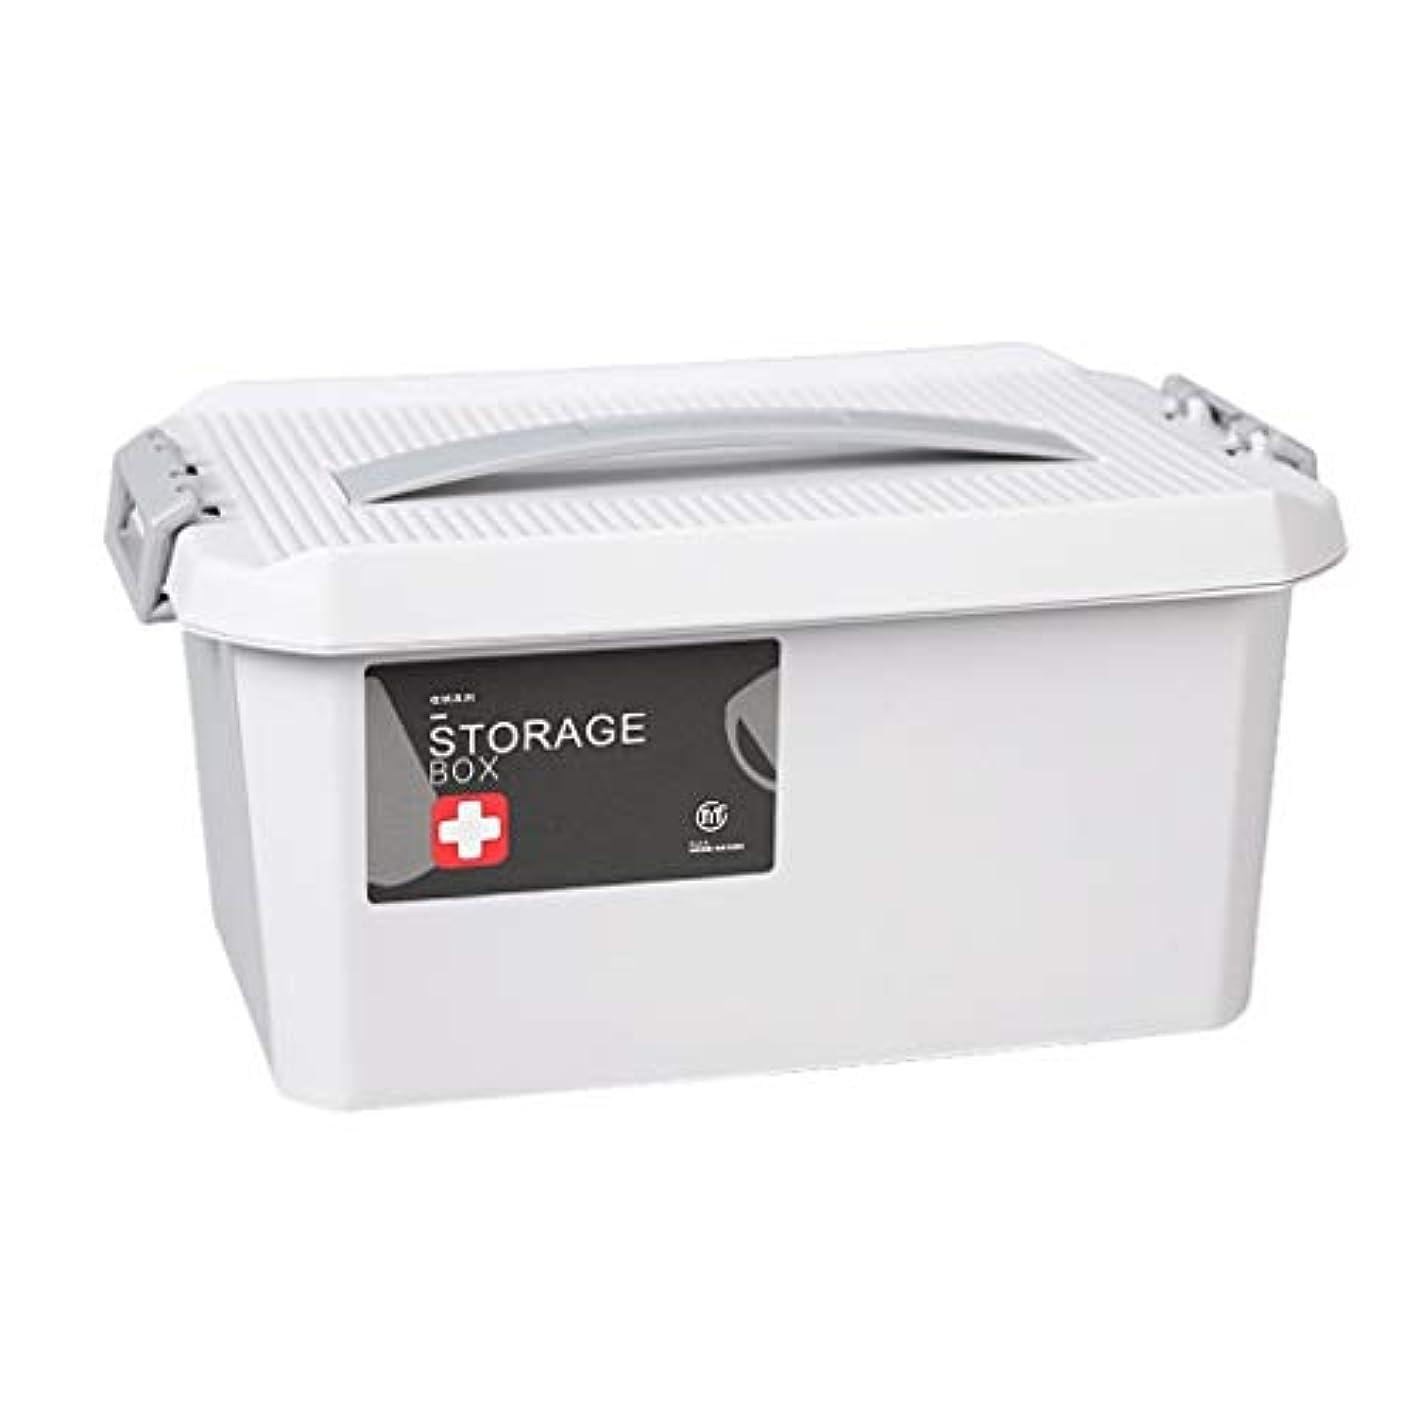 経過から秘書ピルボックスPP家庭用薬ボックス薬収納ボックス (色 : グレイ ぐれい, サイズ さいず : L24cm)